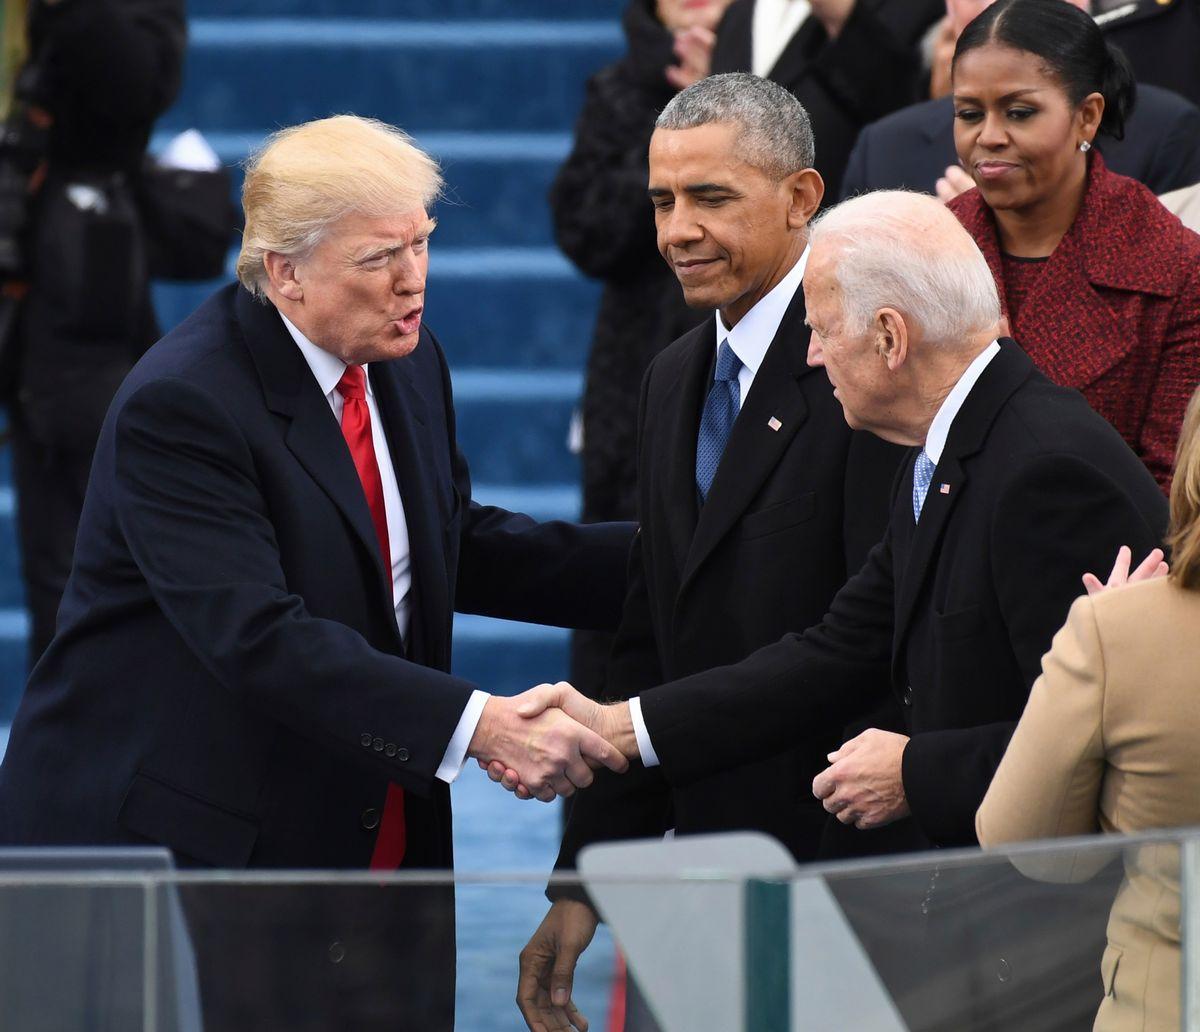 写真・図版 : トランプ大統領の就任式に到着したバイデン氏と握手を交わすトランプ氏。中央はオバマ氏=2017年1月20日、ワシントン、Alex Gakos / Shutterstock.com